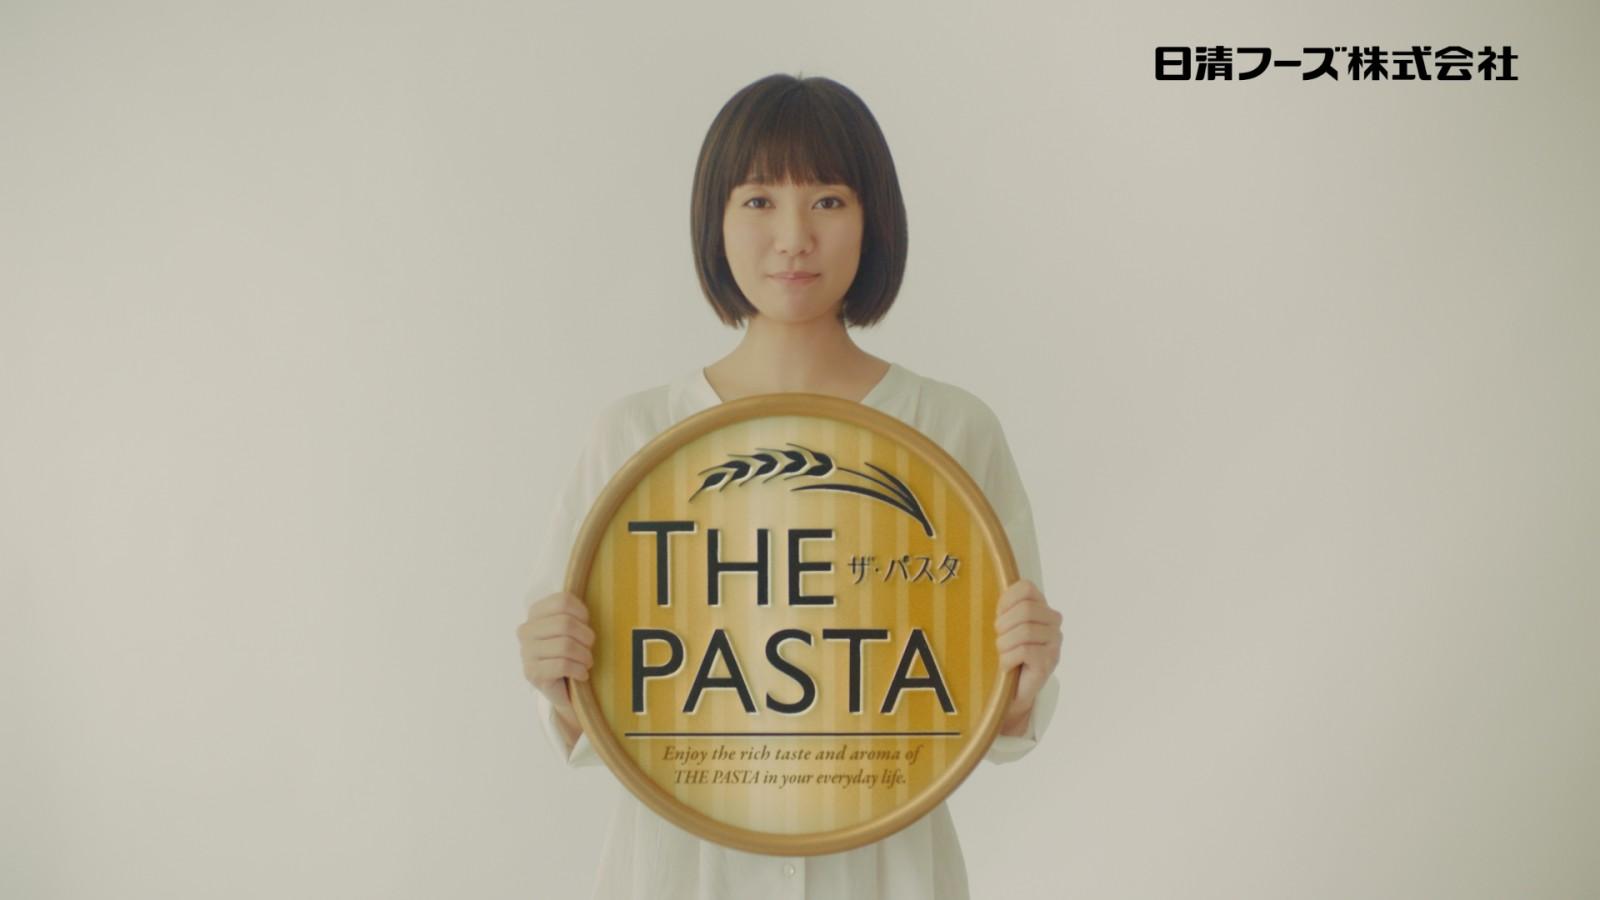 ソースの香りに、、、木村文乃さんが冷凍パスタ「マ・マー THE PASTA」のTVCM出演